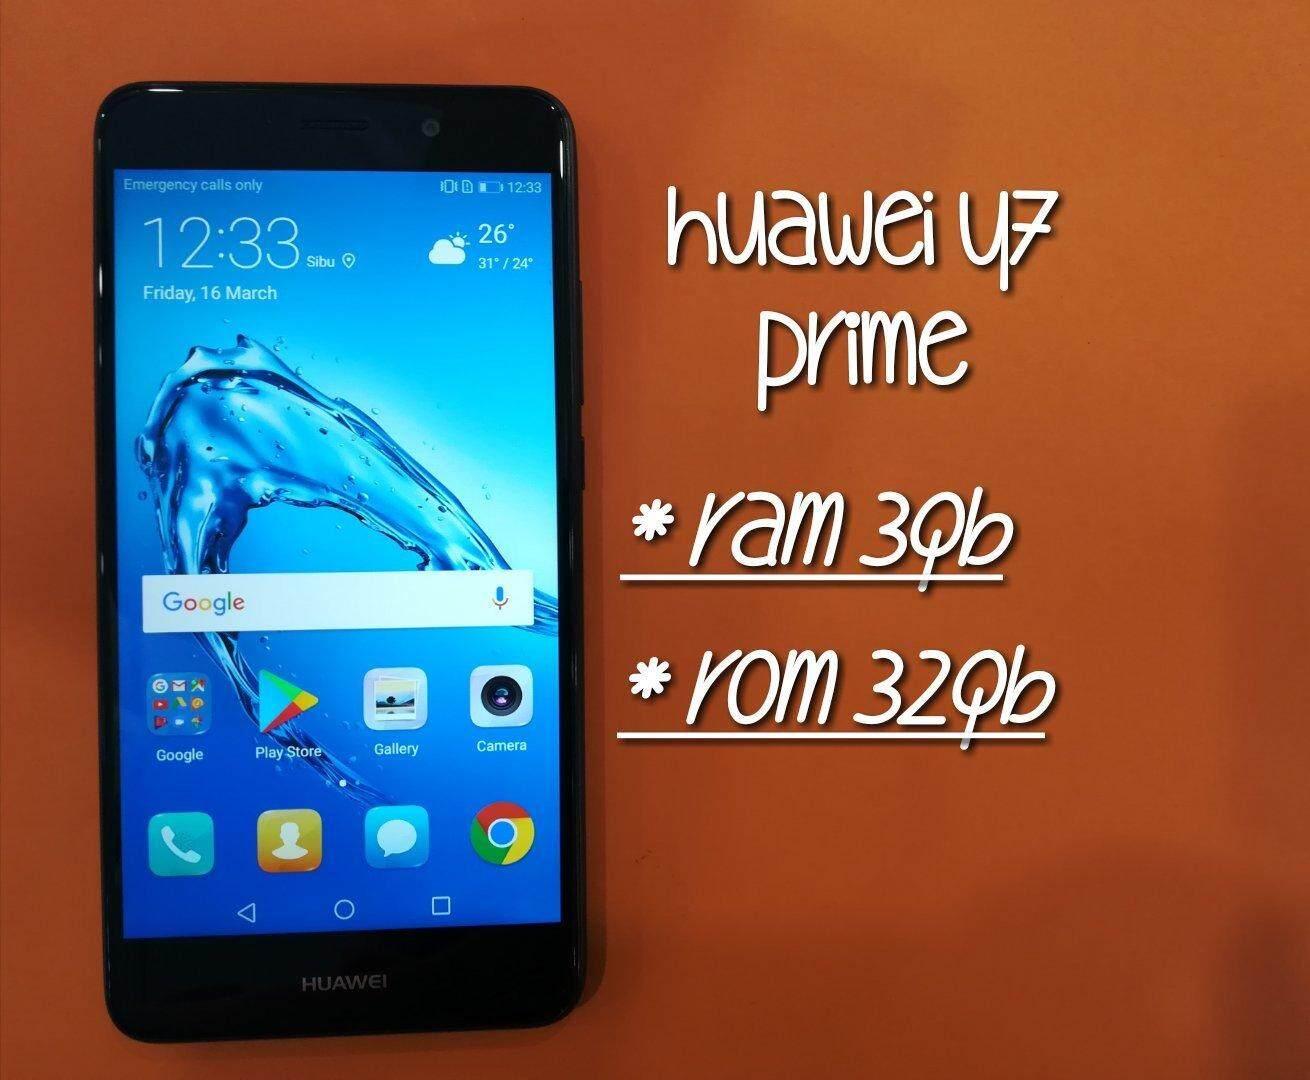 Huawei Y7 Prime Image